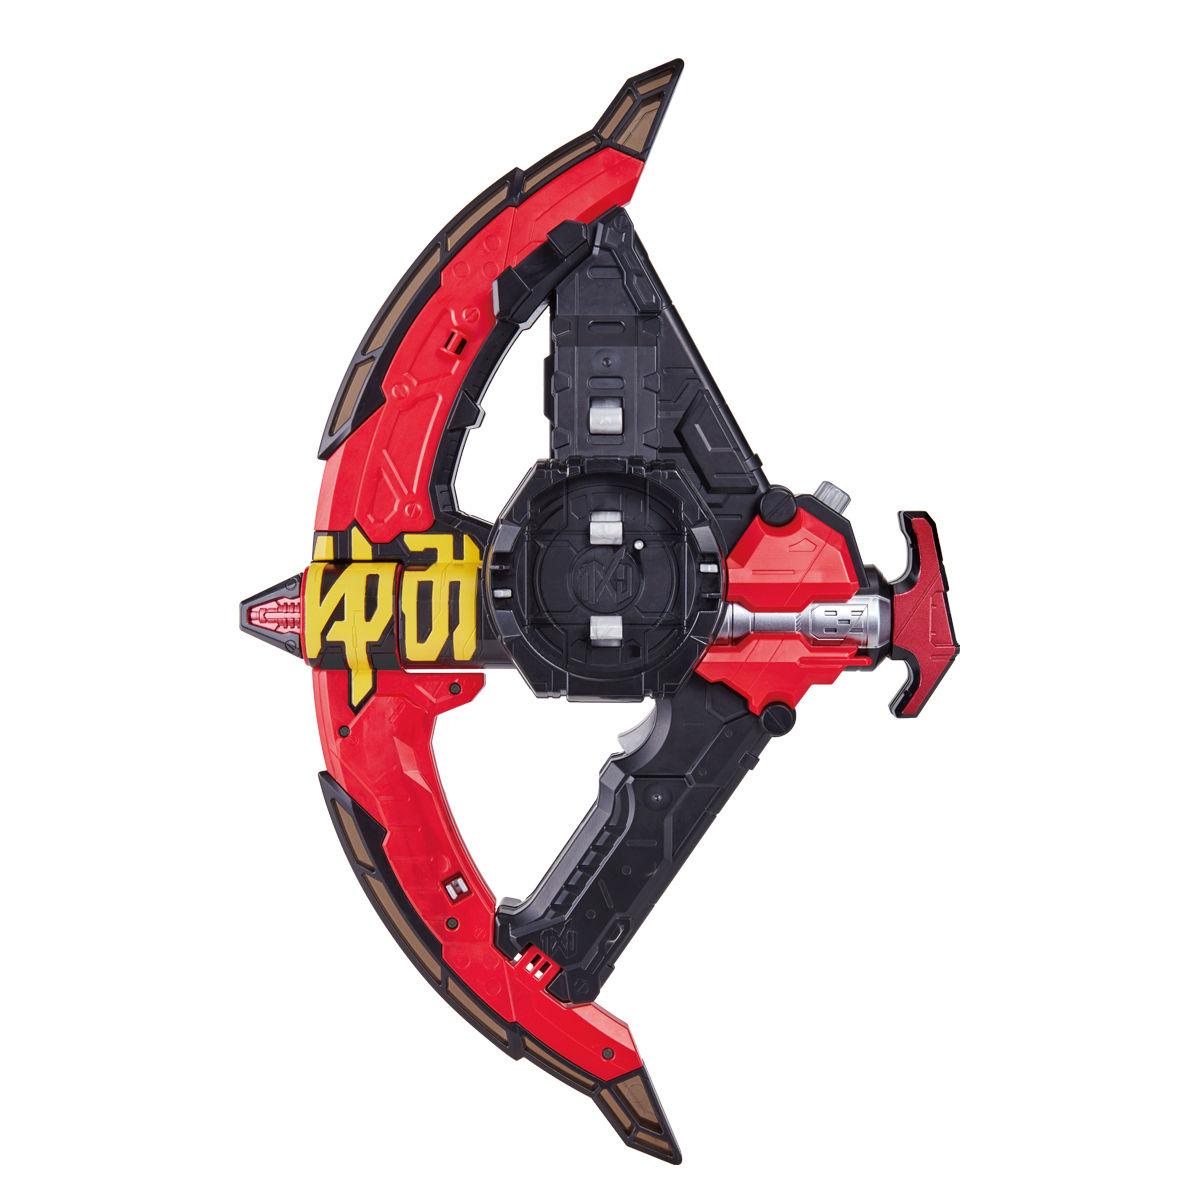 仮面ライダージオウ『時間厳斧DXジカンザックス』変身なりきり-004